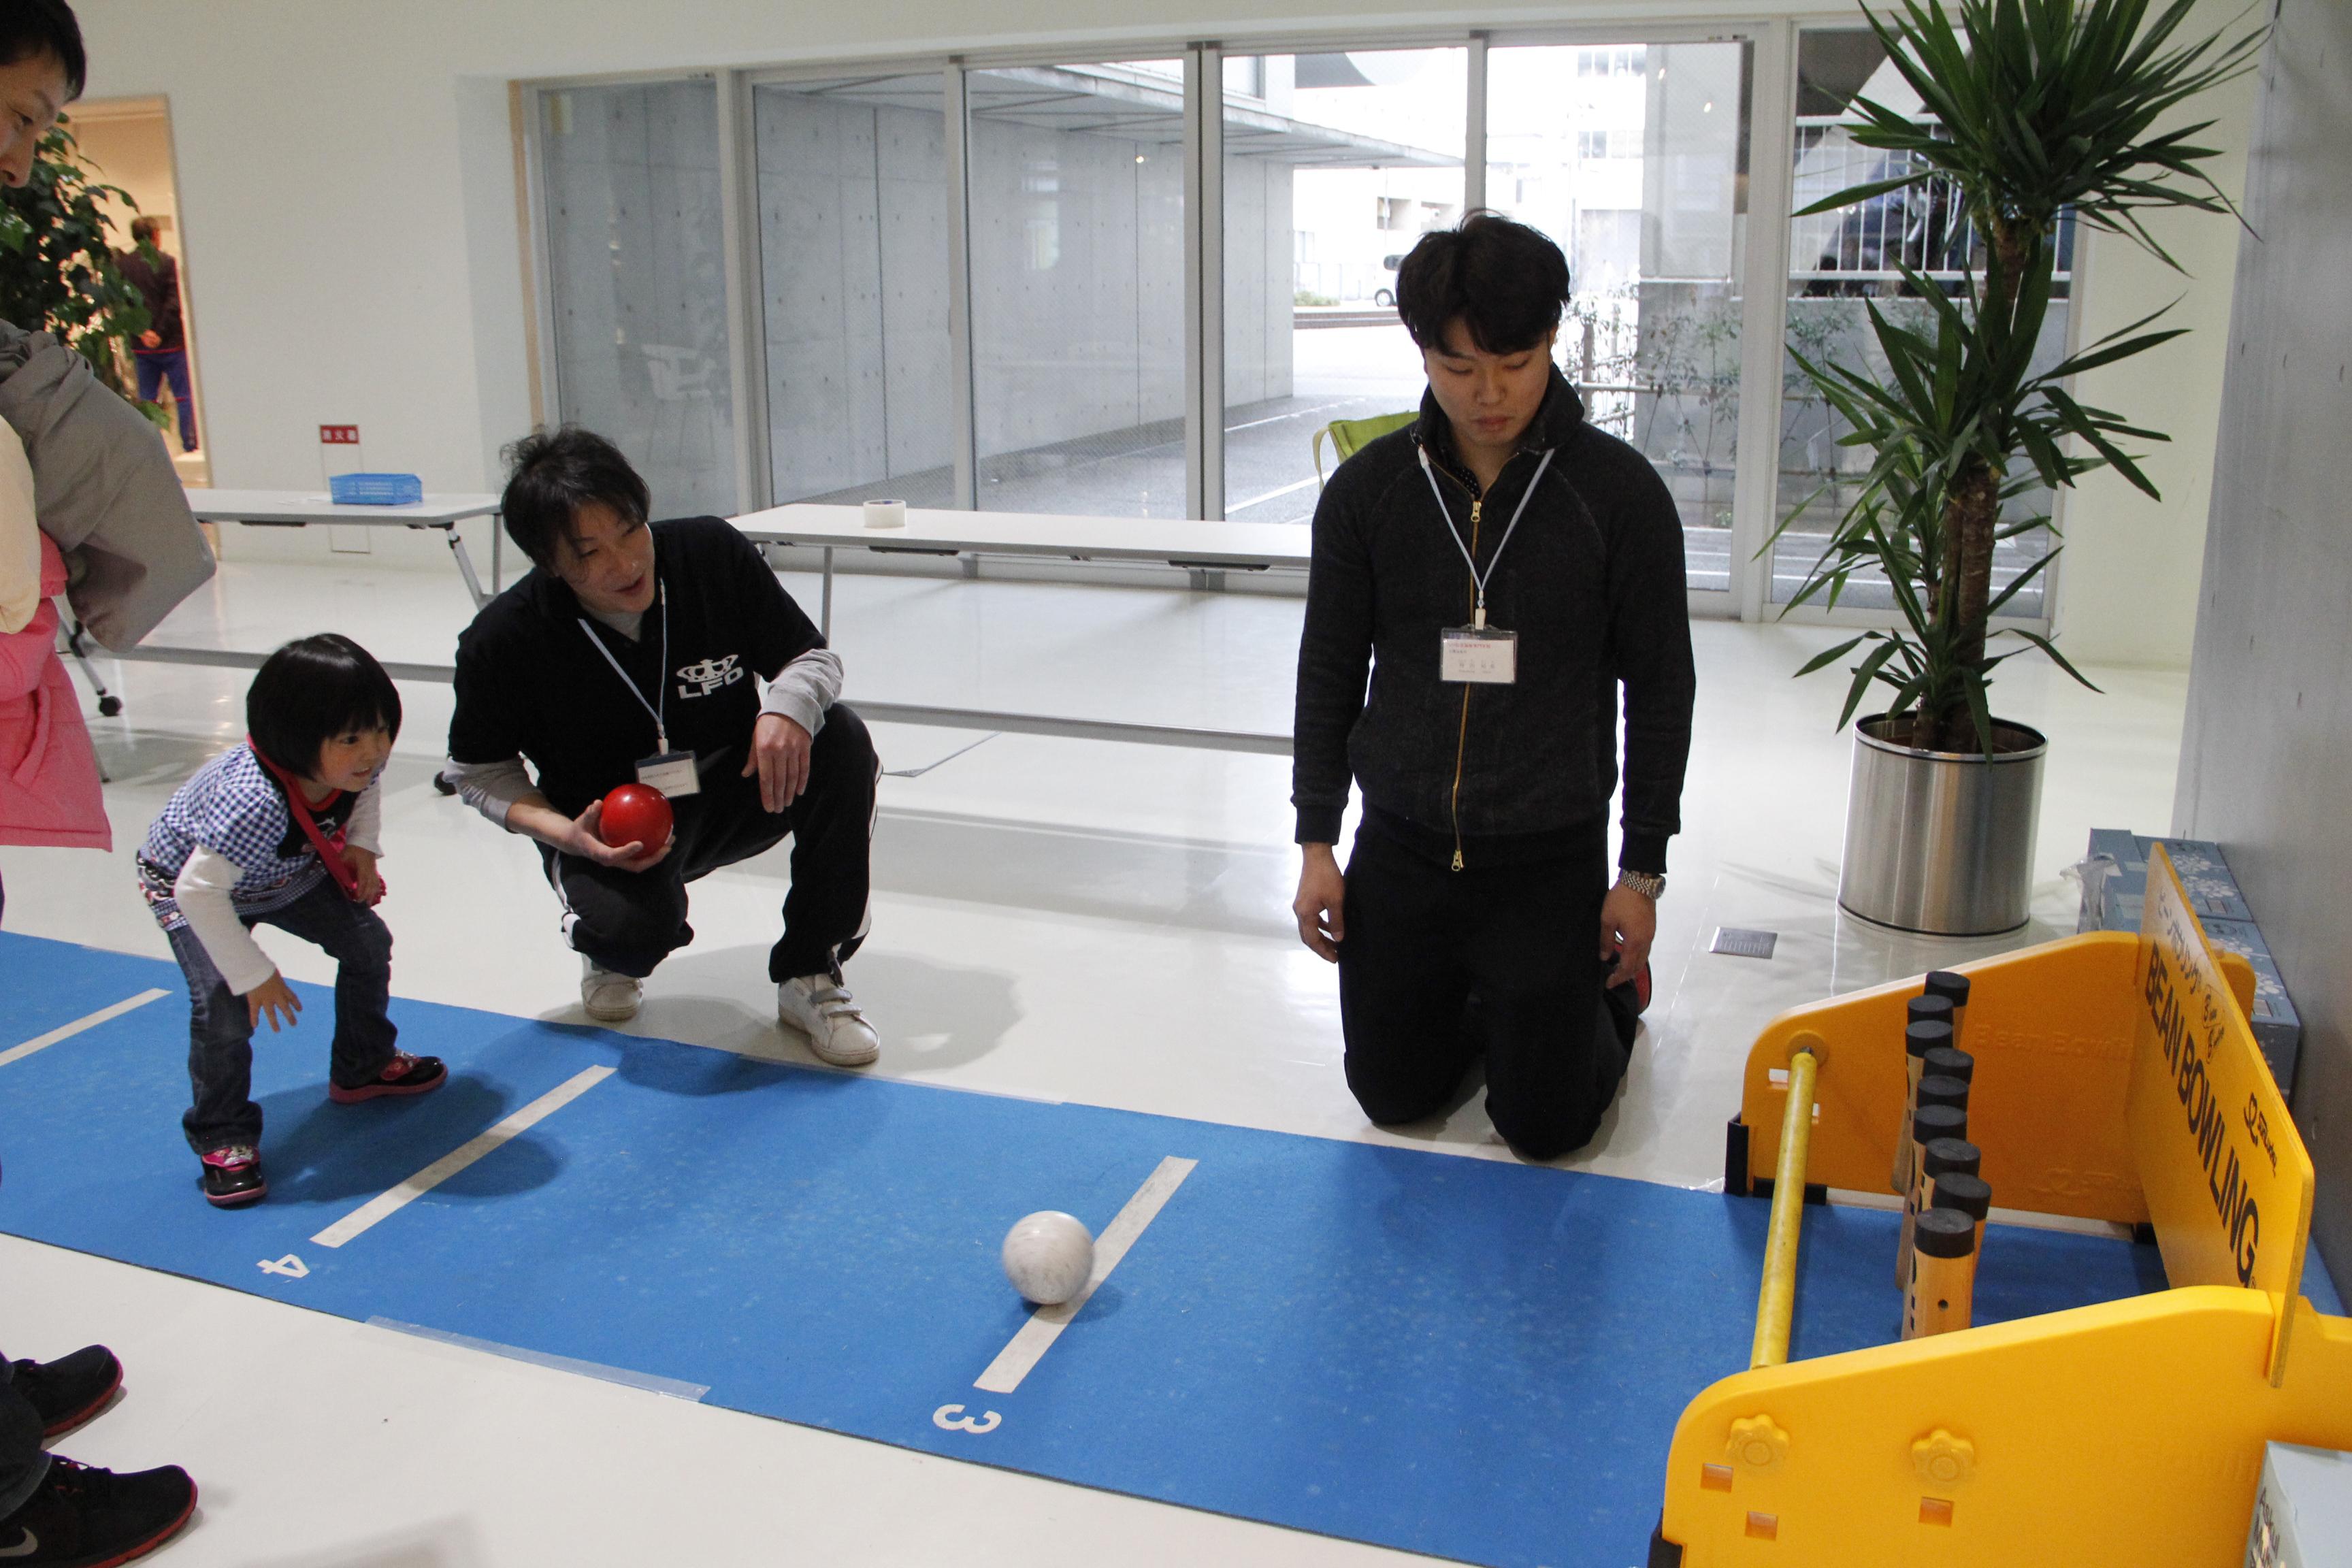 http://hacchi.jp/blog/upload/images/20140421_1.jpg